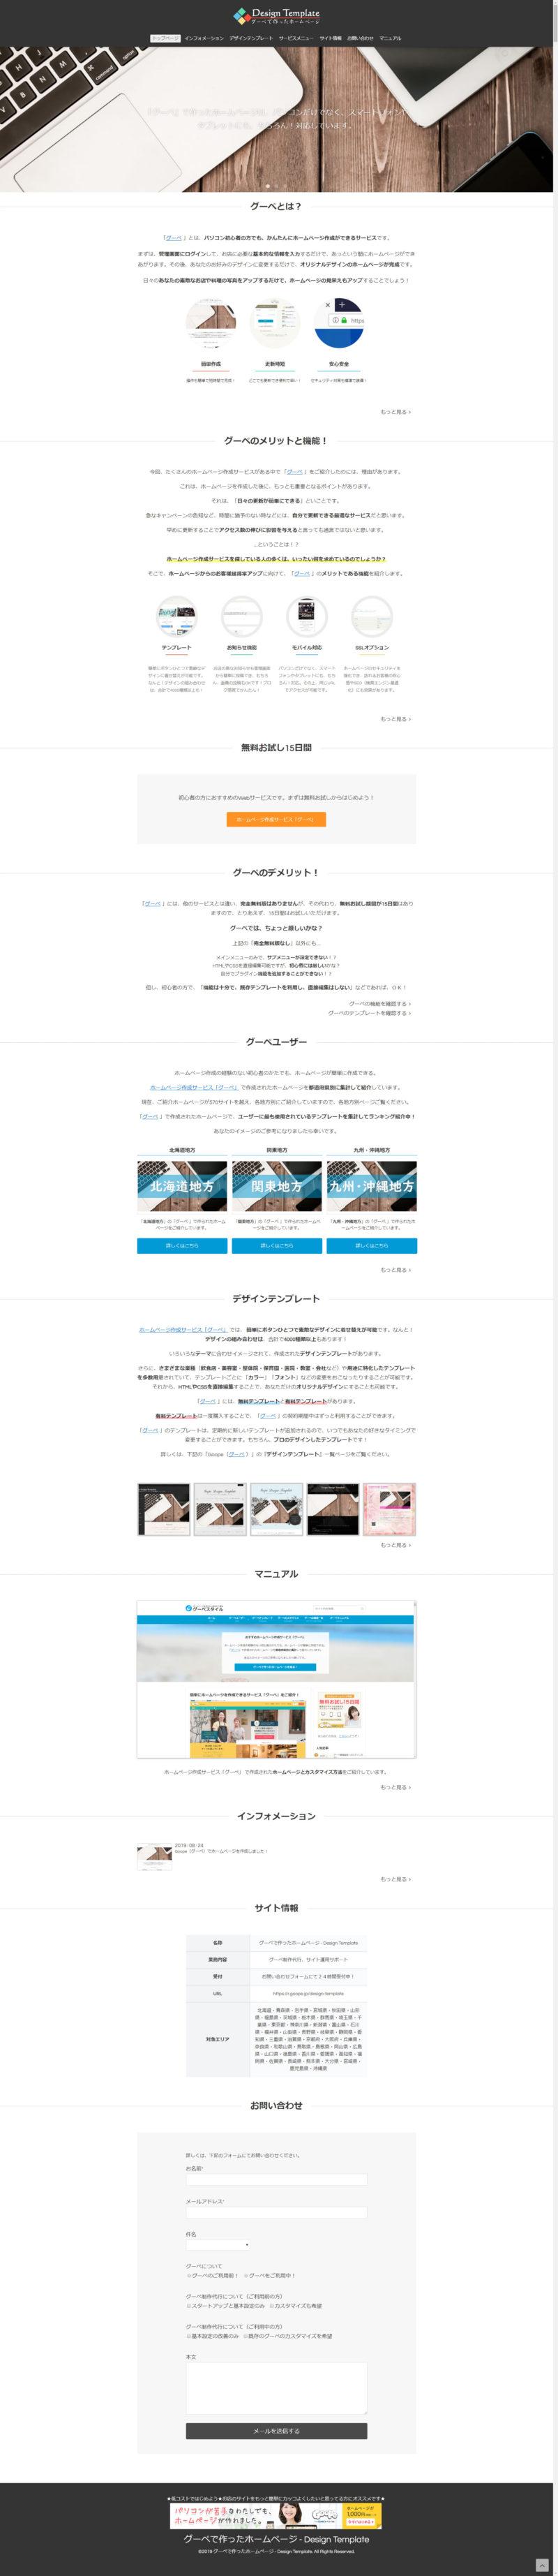 無料テンプレート「Oneplate」カスタマイズ中画面